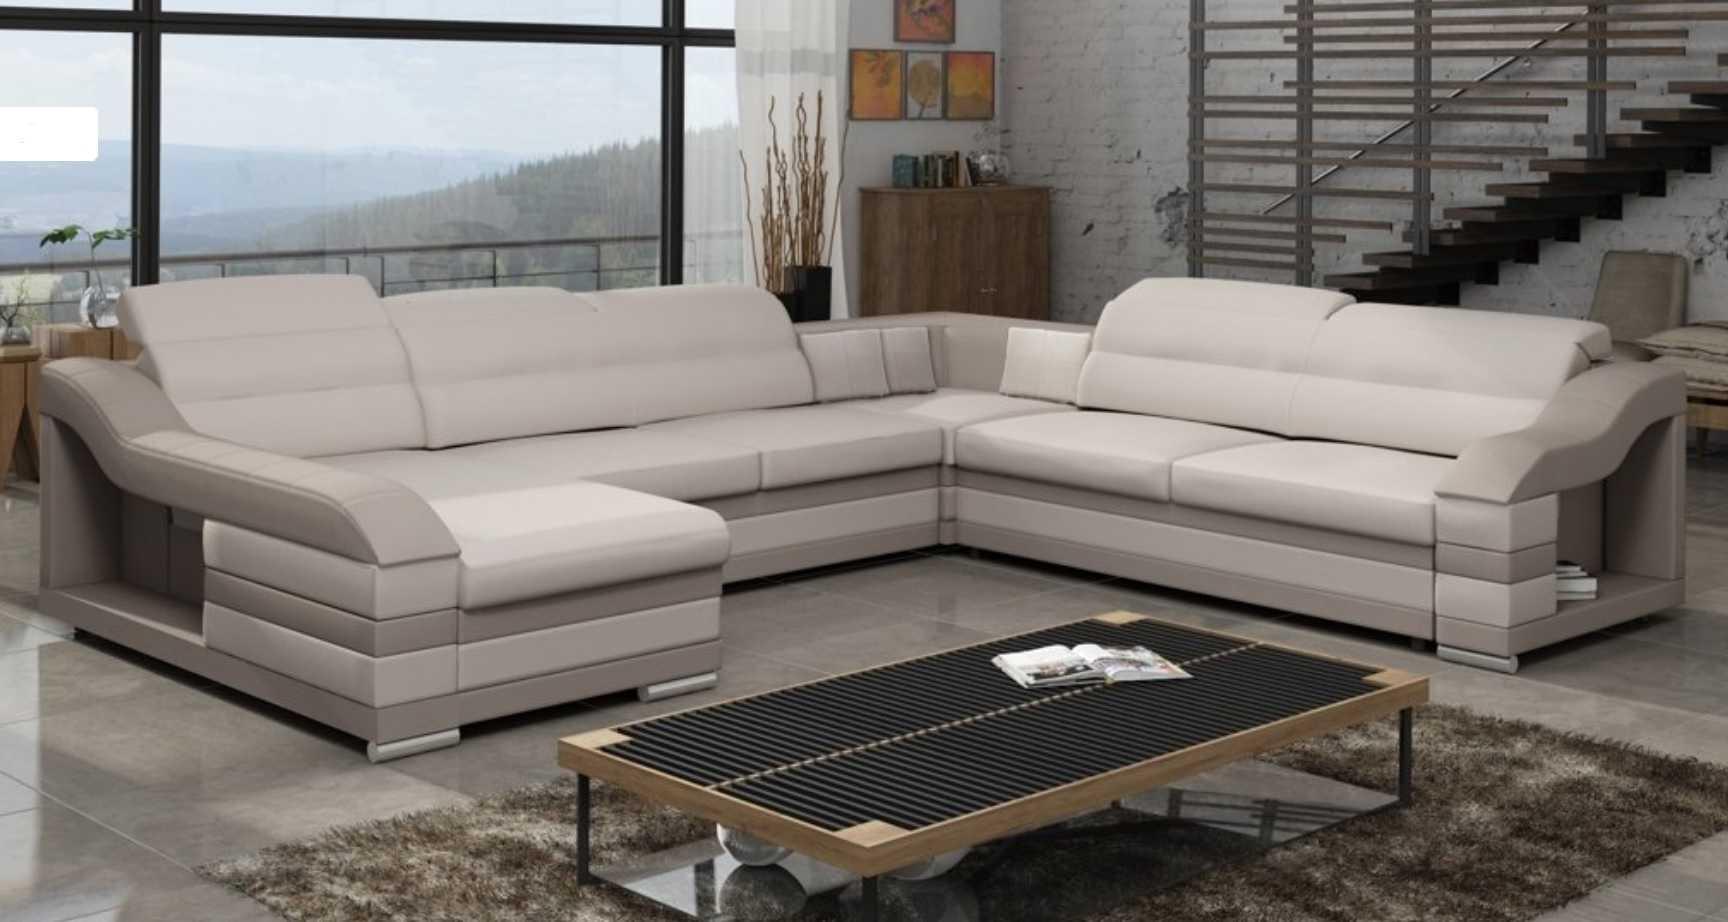 wohnlandschaft couch polster textil stoff leder sitz garnitur eck schlafsofa hc ebay. Black Bedroom Furniture Sets. Home Design Ideas